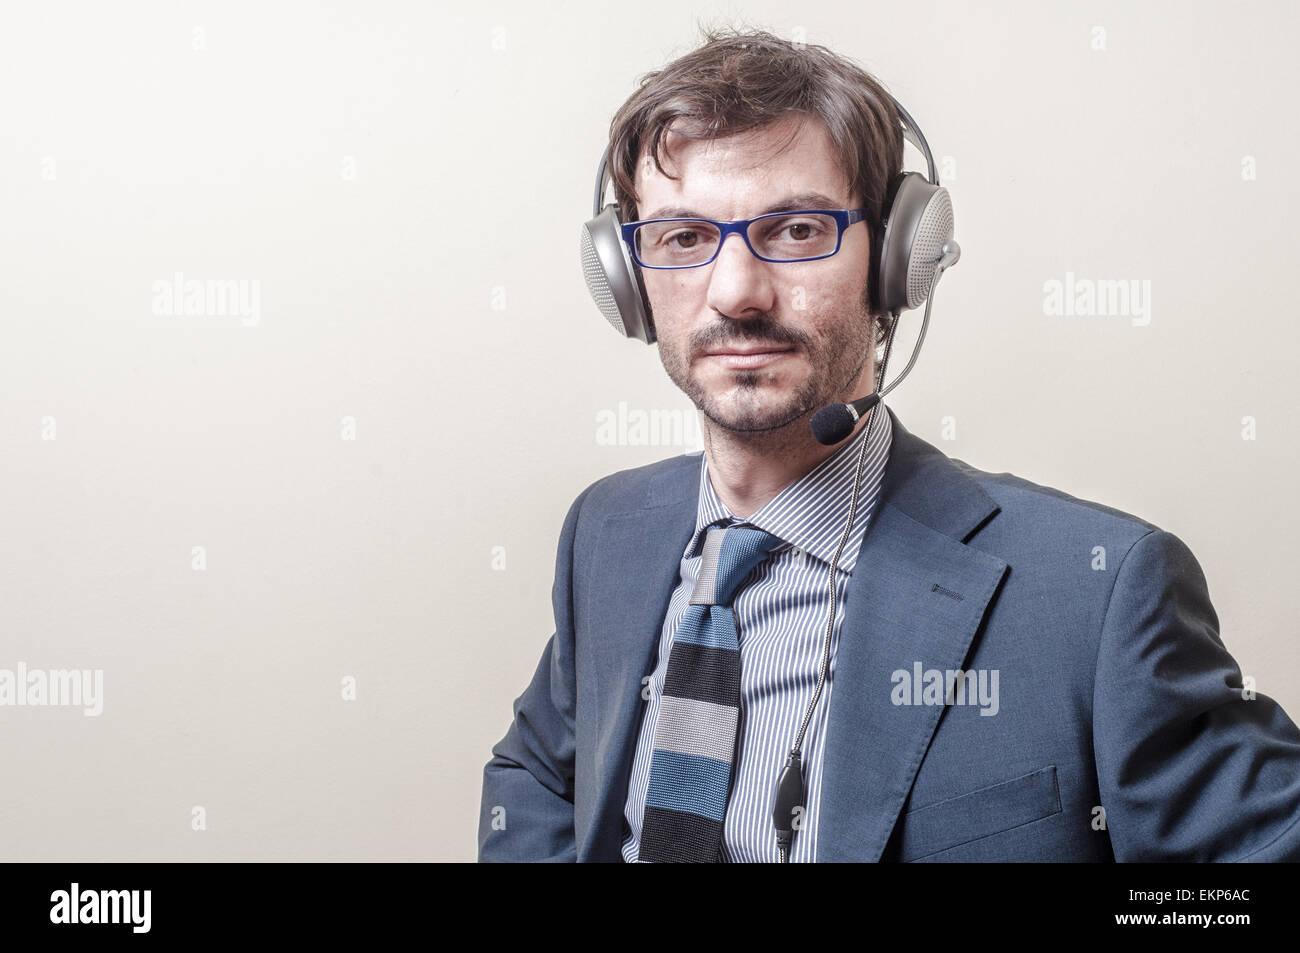 Businessman avec casque et microphone Photo Stock